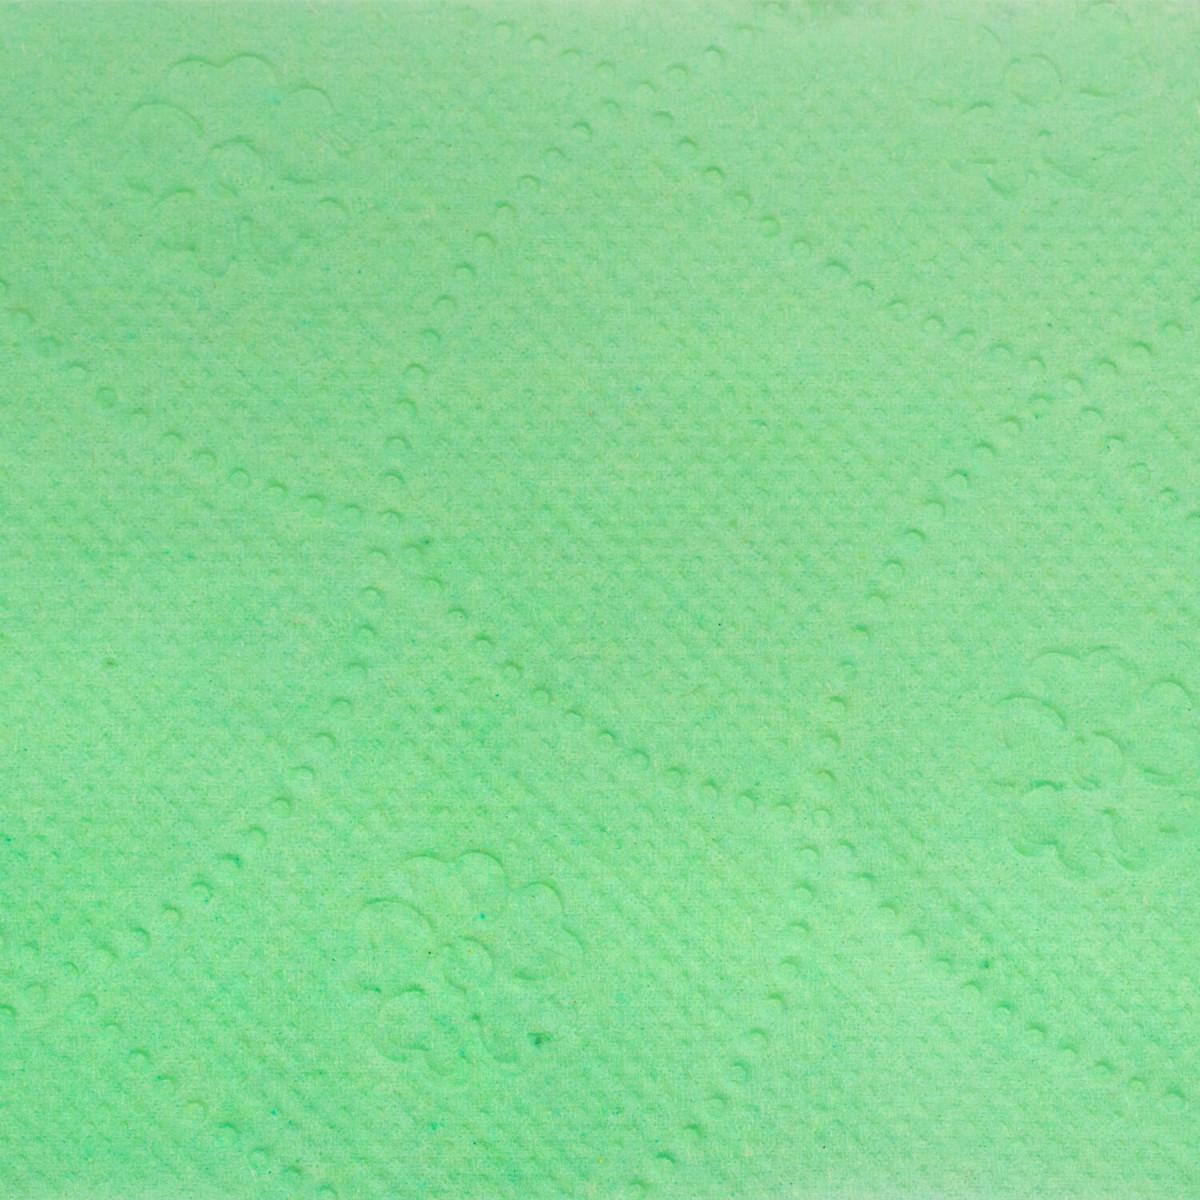 Бумага туалетная бытовая, спайка 4 шт., 2-х слойная, (4х19 м), LAIMA/ЛАЙМА, аромат яблока, 128722 (арт. 128722)